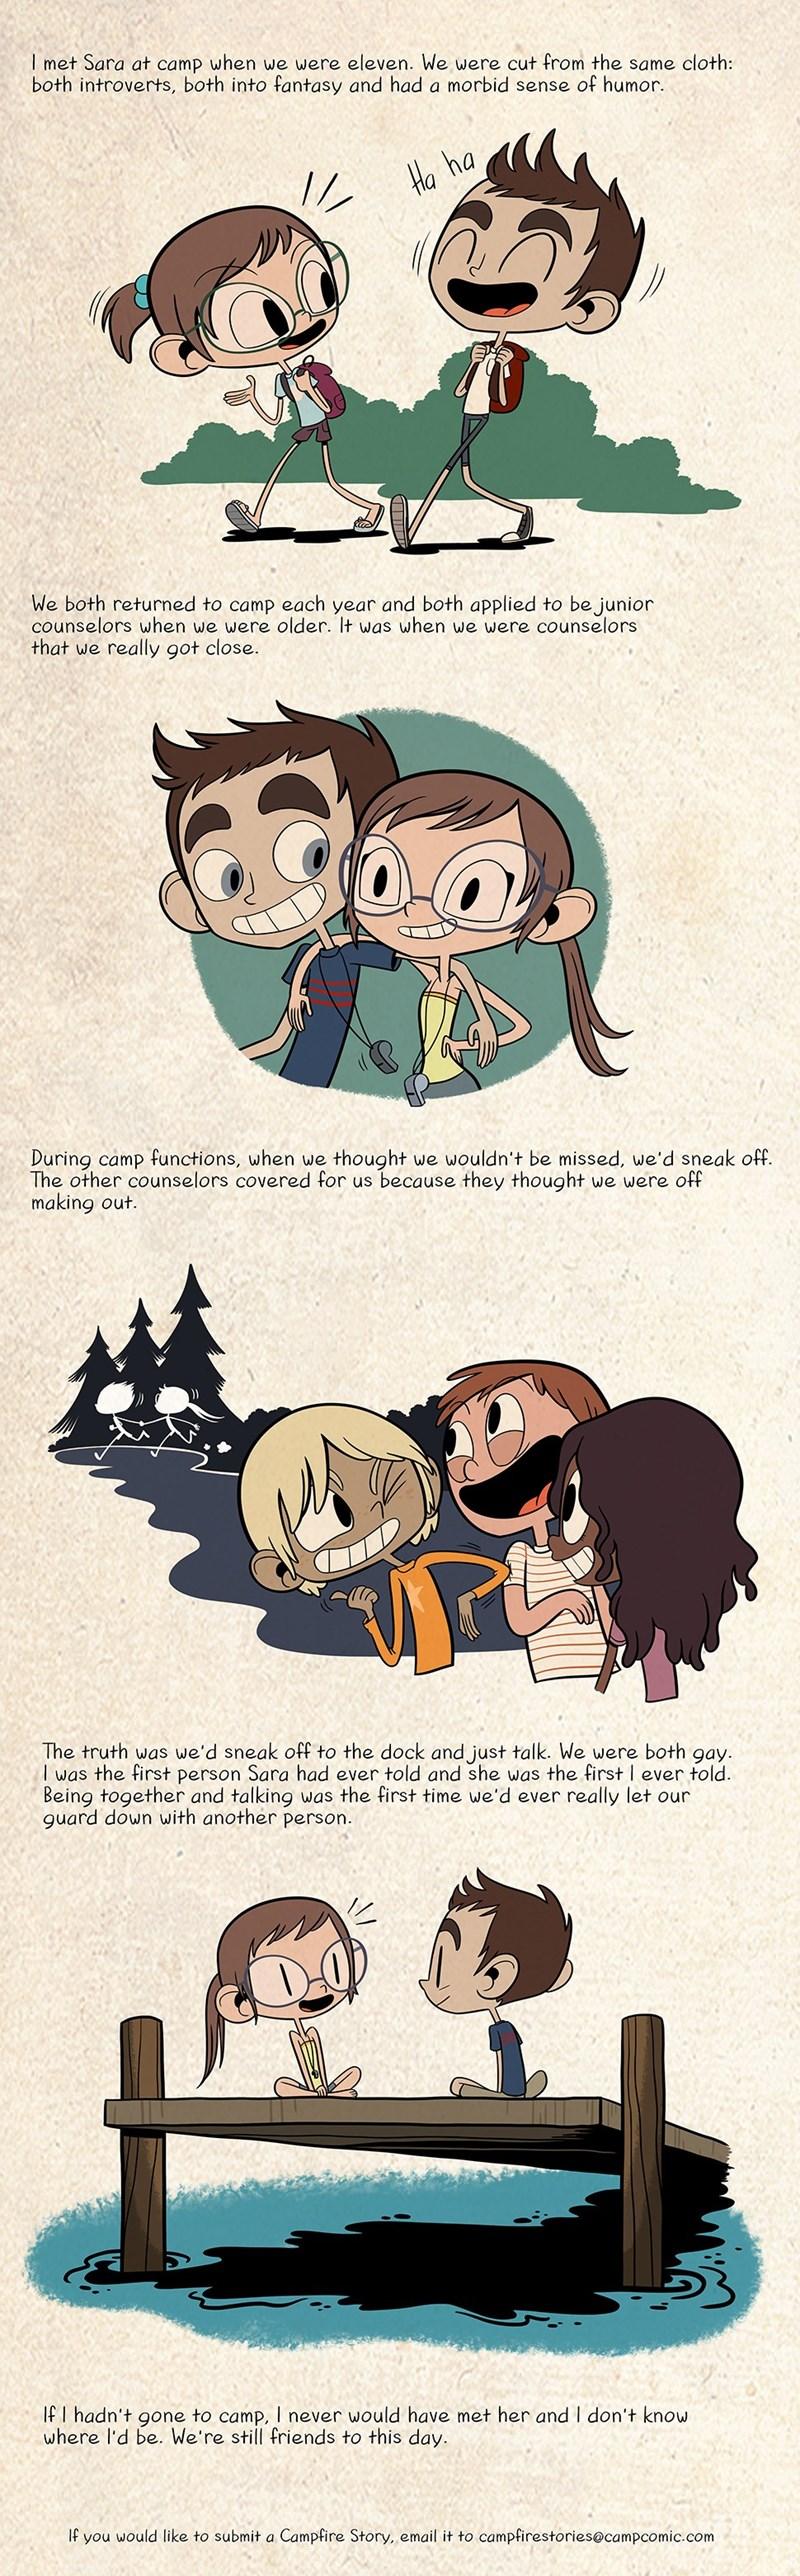 fantasy camp web comics - 8557552896